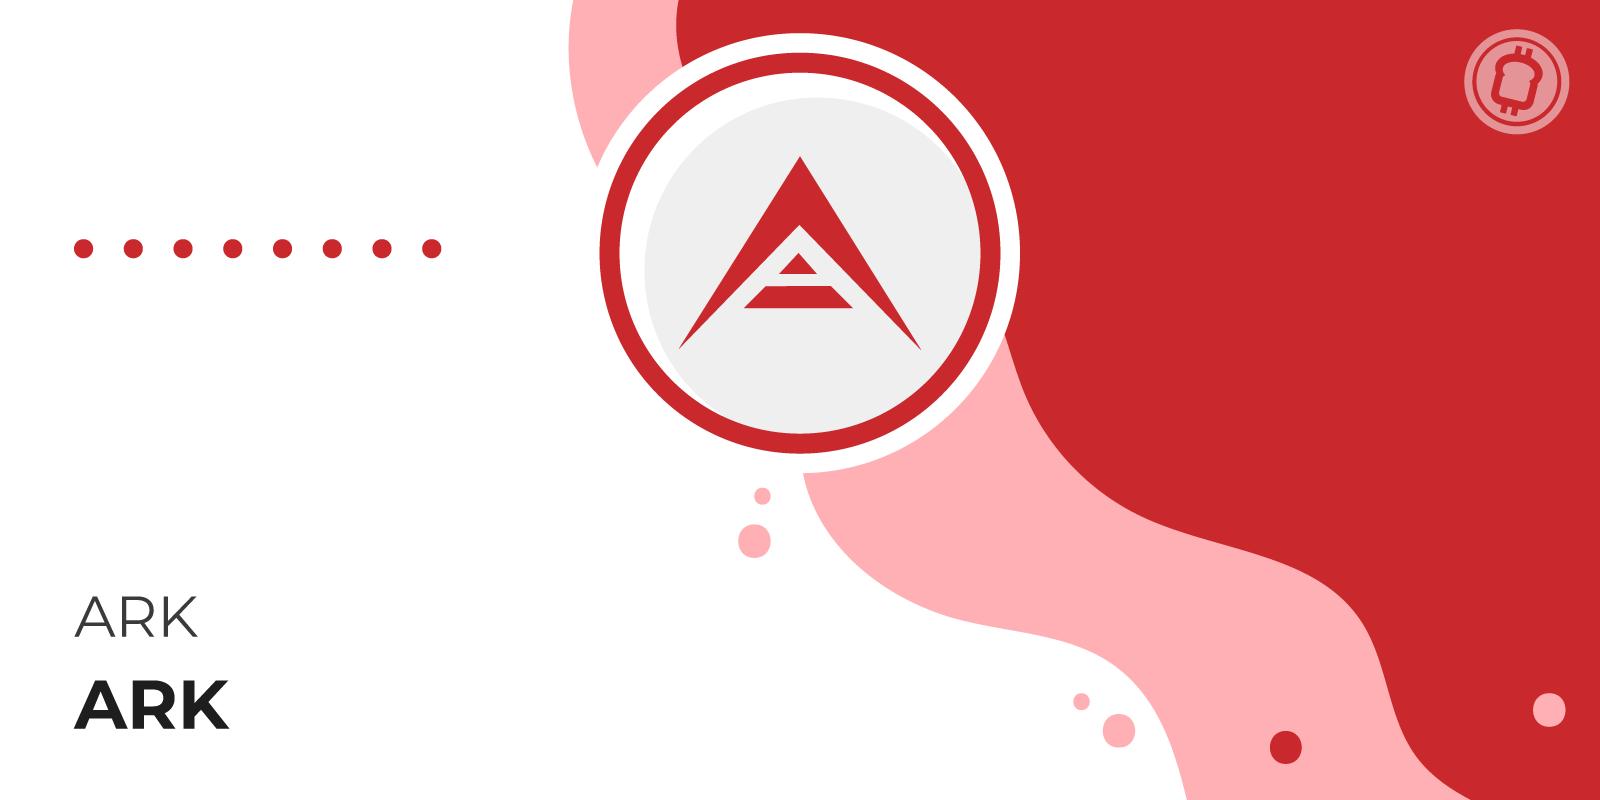 Qu'est-ce que le Ark (ARK) et comment en acheter ?